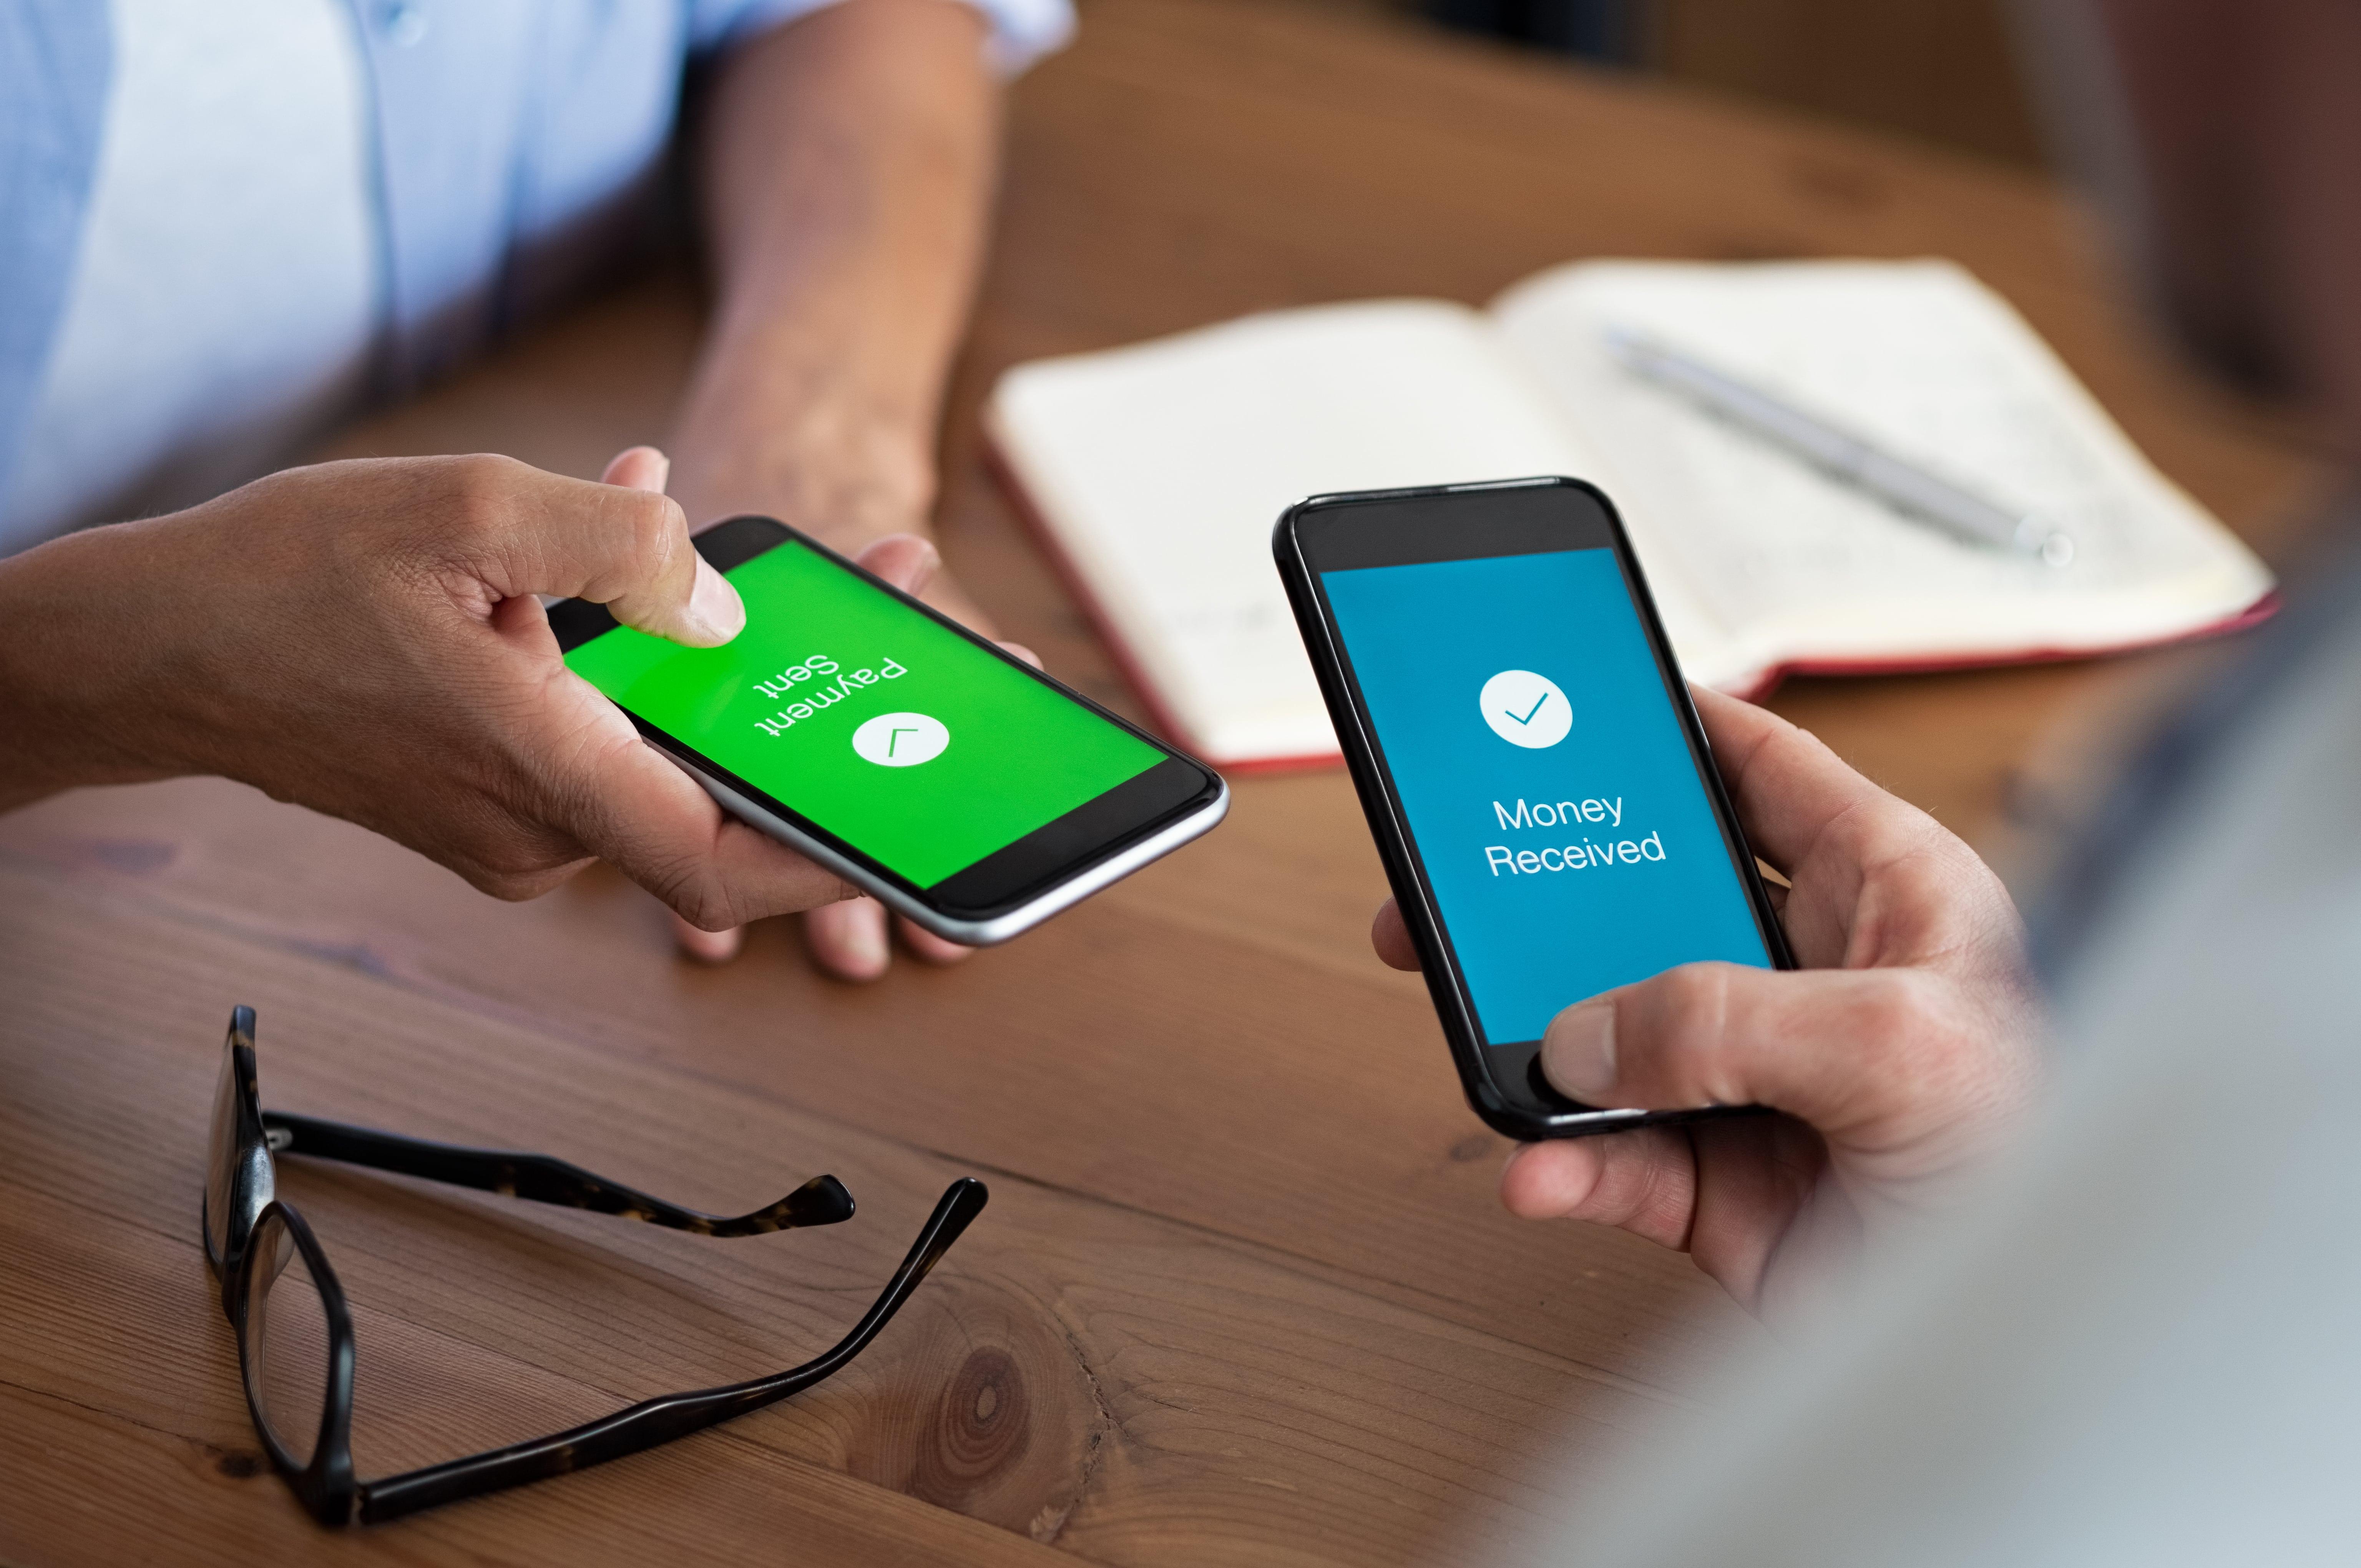 Mobile Payment Sent And Received Bp9hvgn Min  - ACCE - Aplicativo (app) ajuda MEI a organizar as finanças